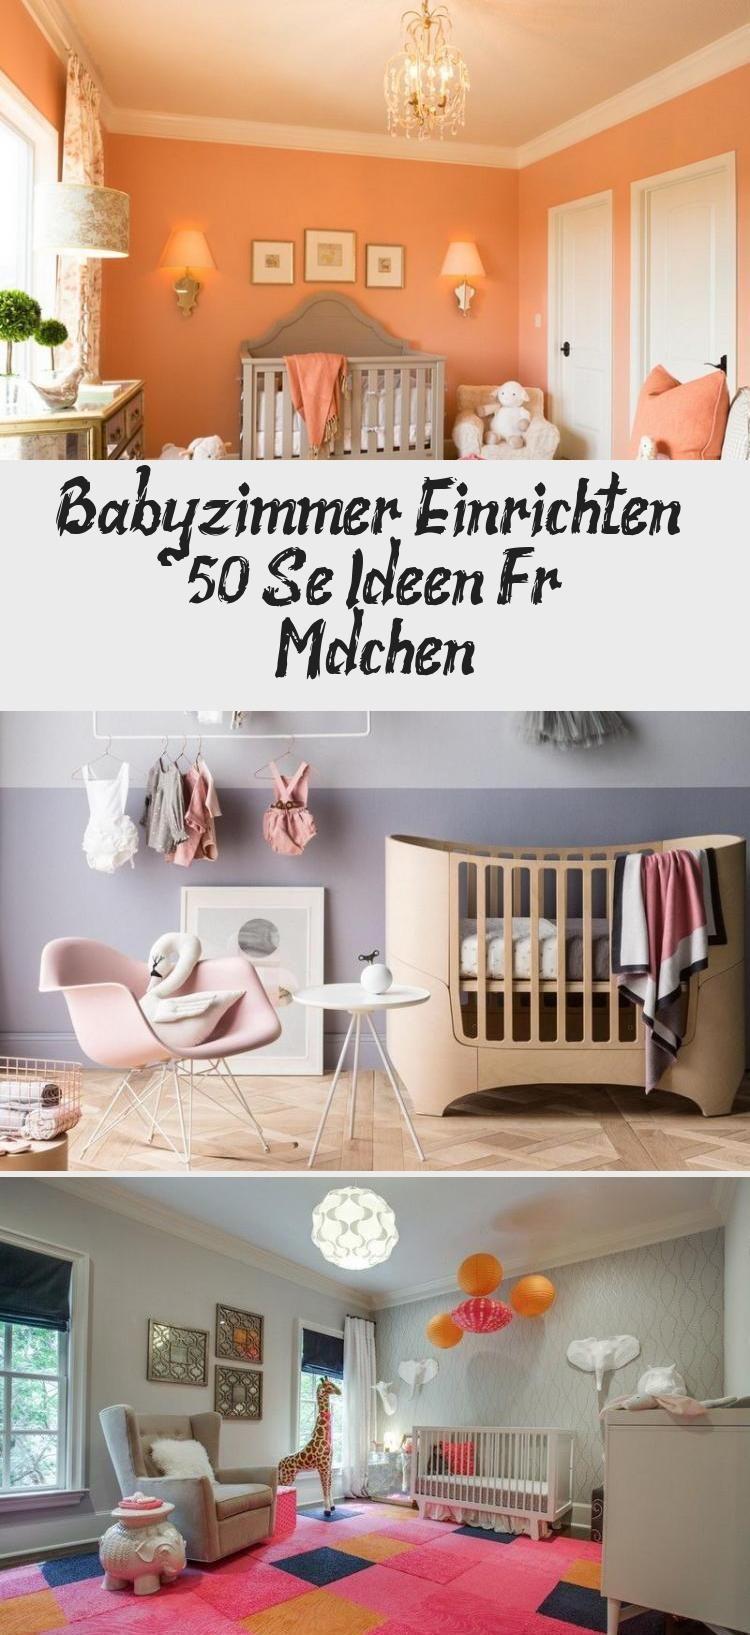 Babyzimmer Einrichten 50 Susse Ideen Fur Madchen In 2020 Home